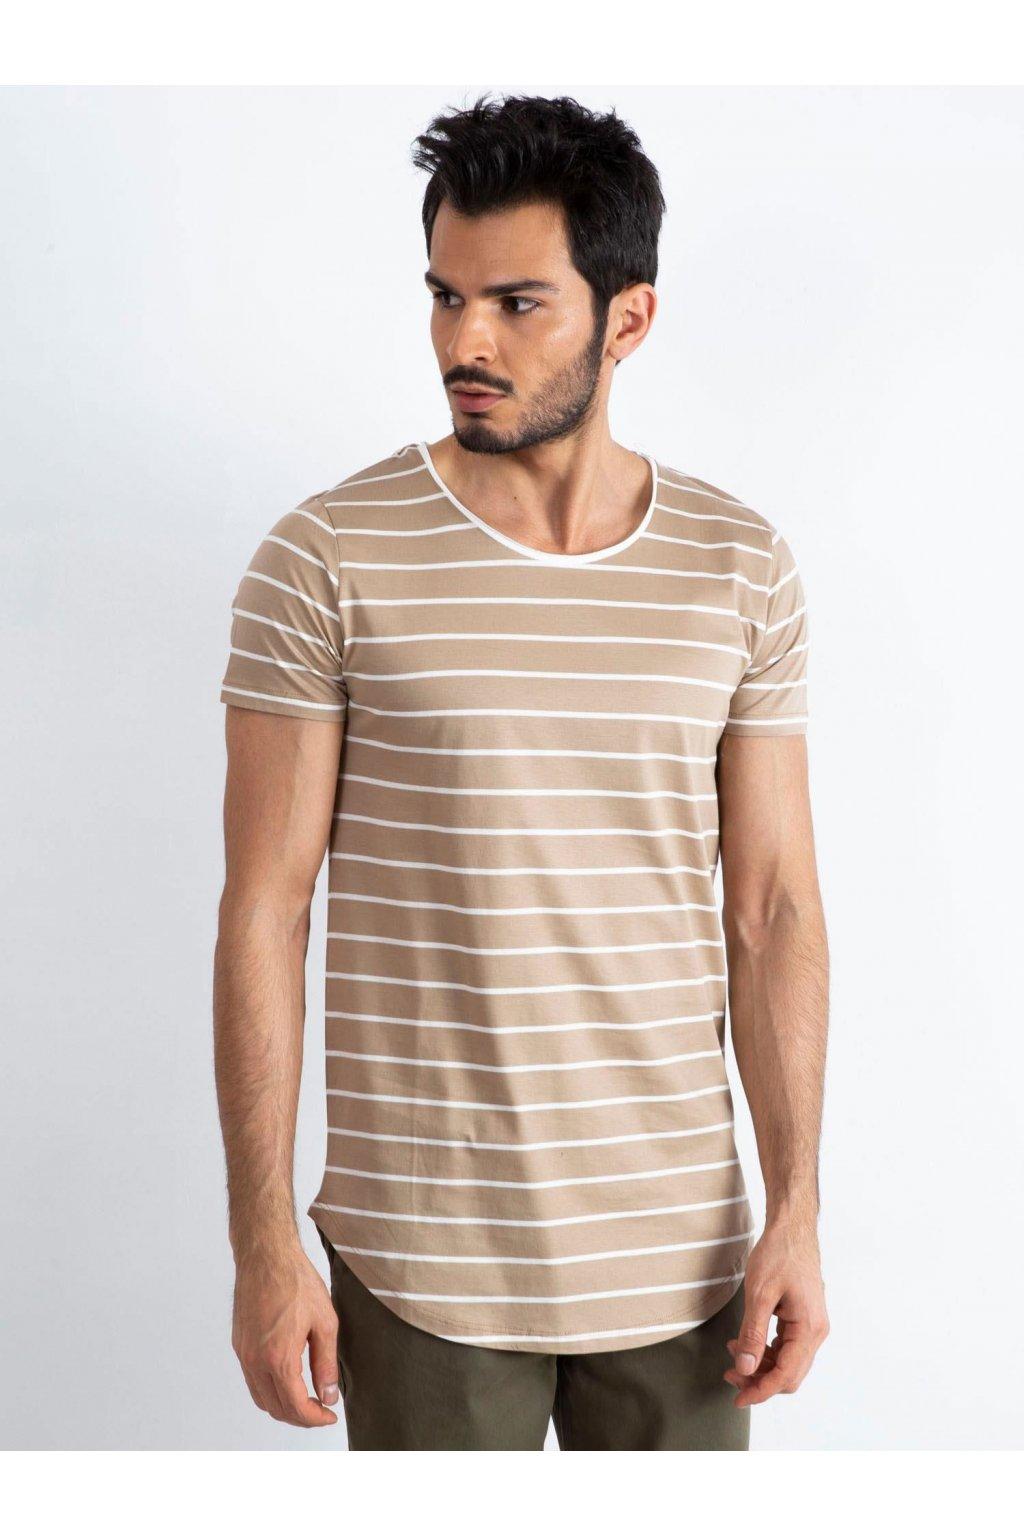 Tričko t-shirt kód M019Y03048707